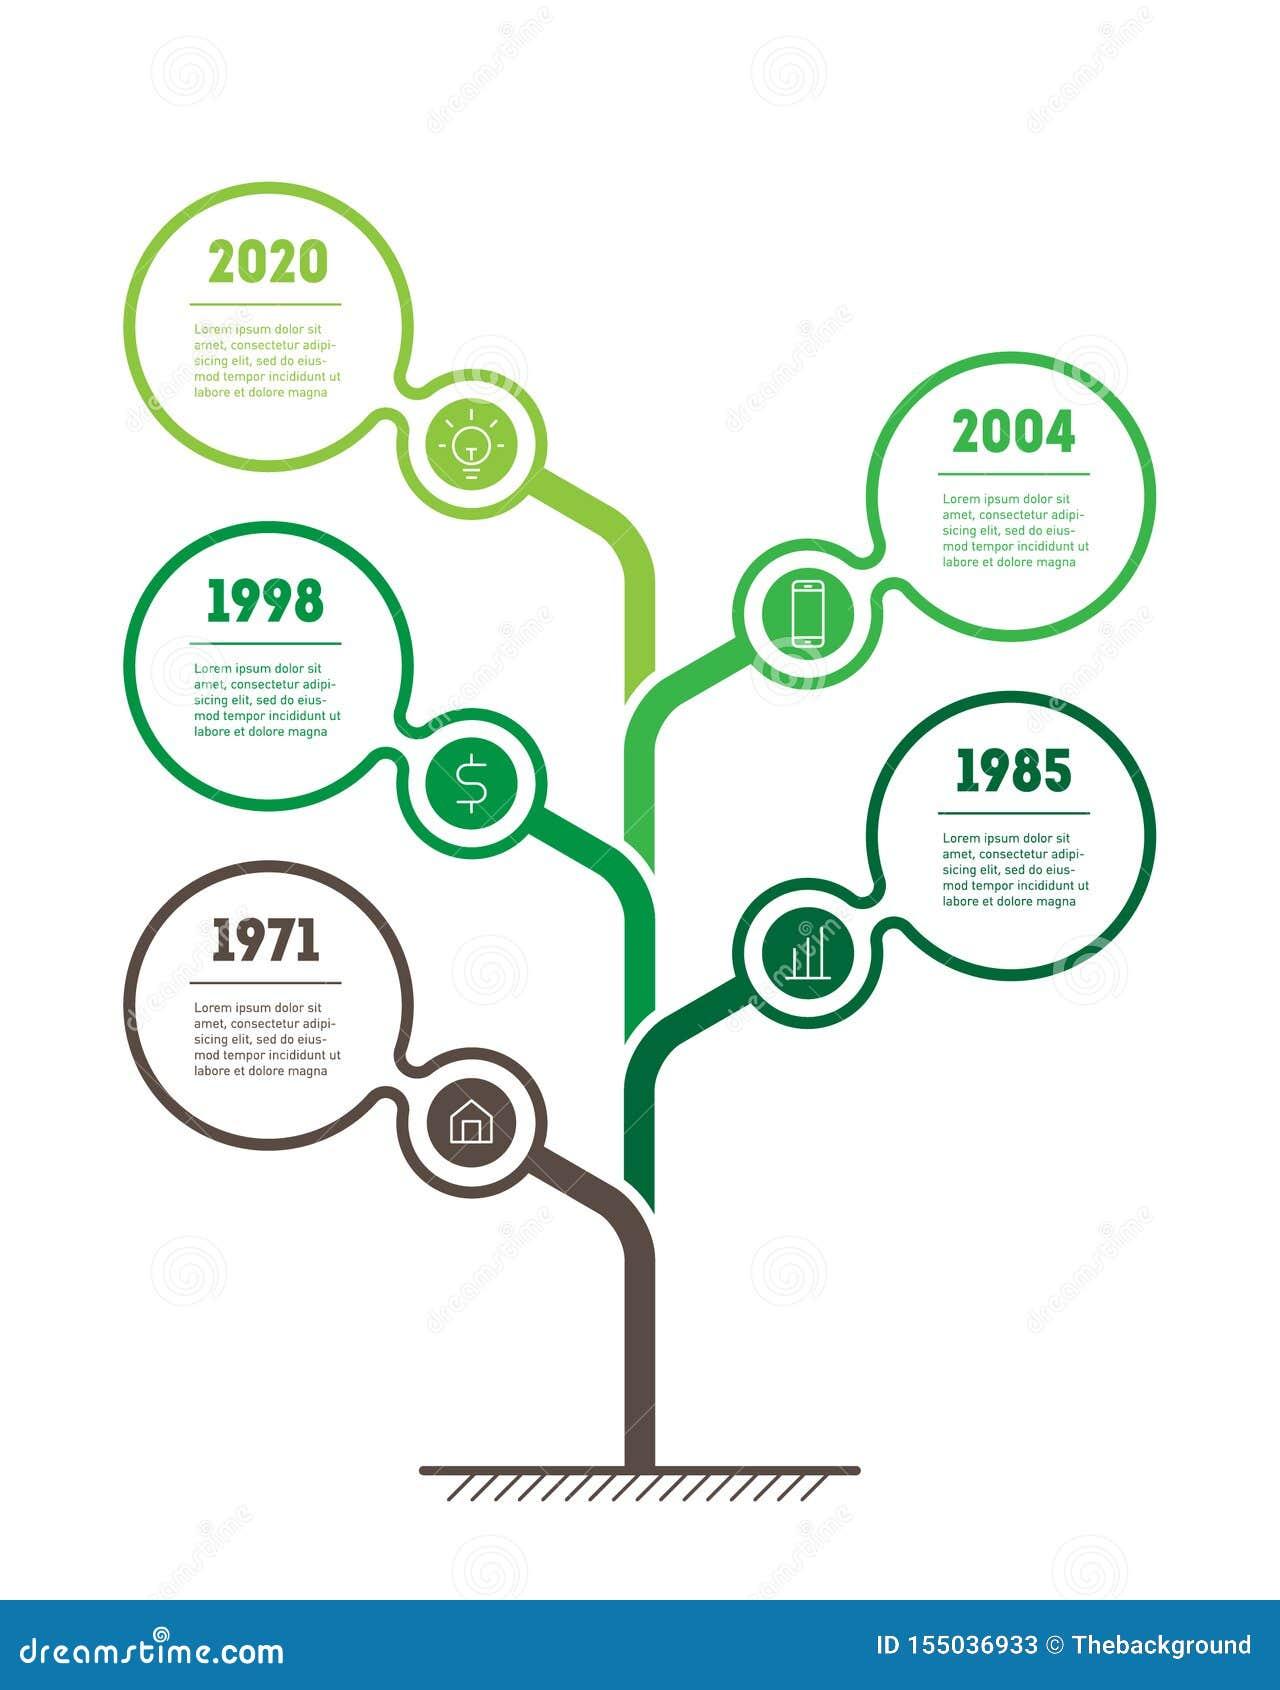 Timeline, träd, infographic eller presentation för jordbrukssektorn Utveckling av eco-teknologier begreppsuniversitetsl?raren gl?